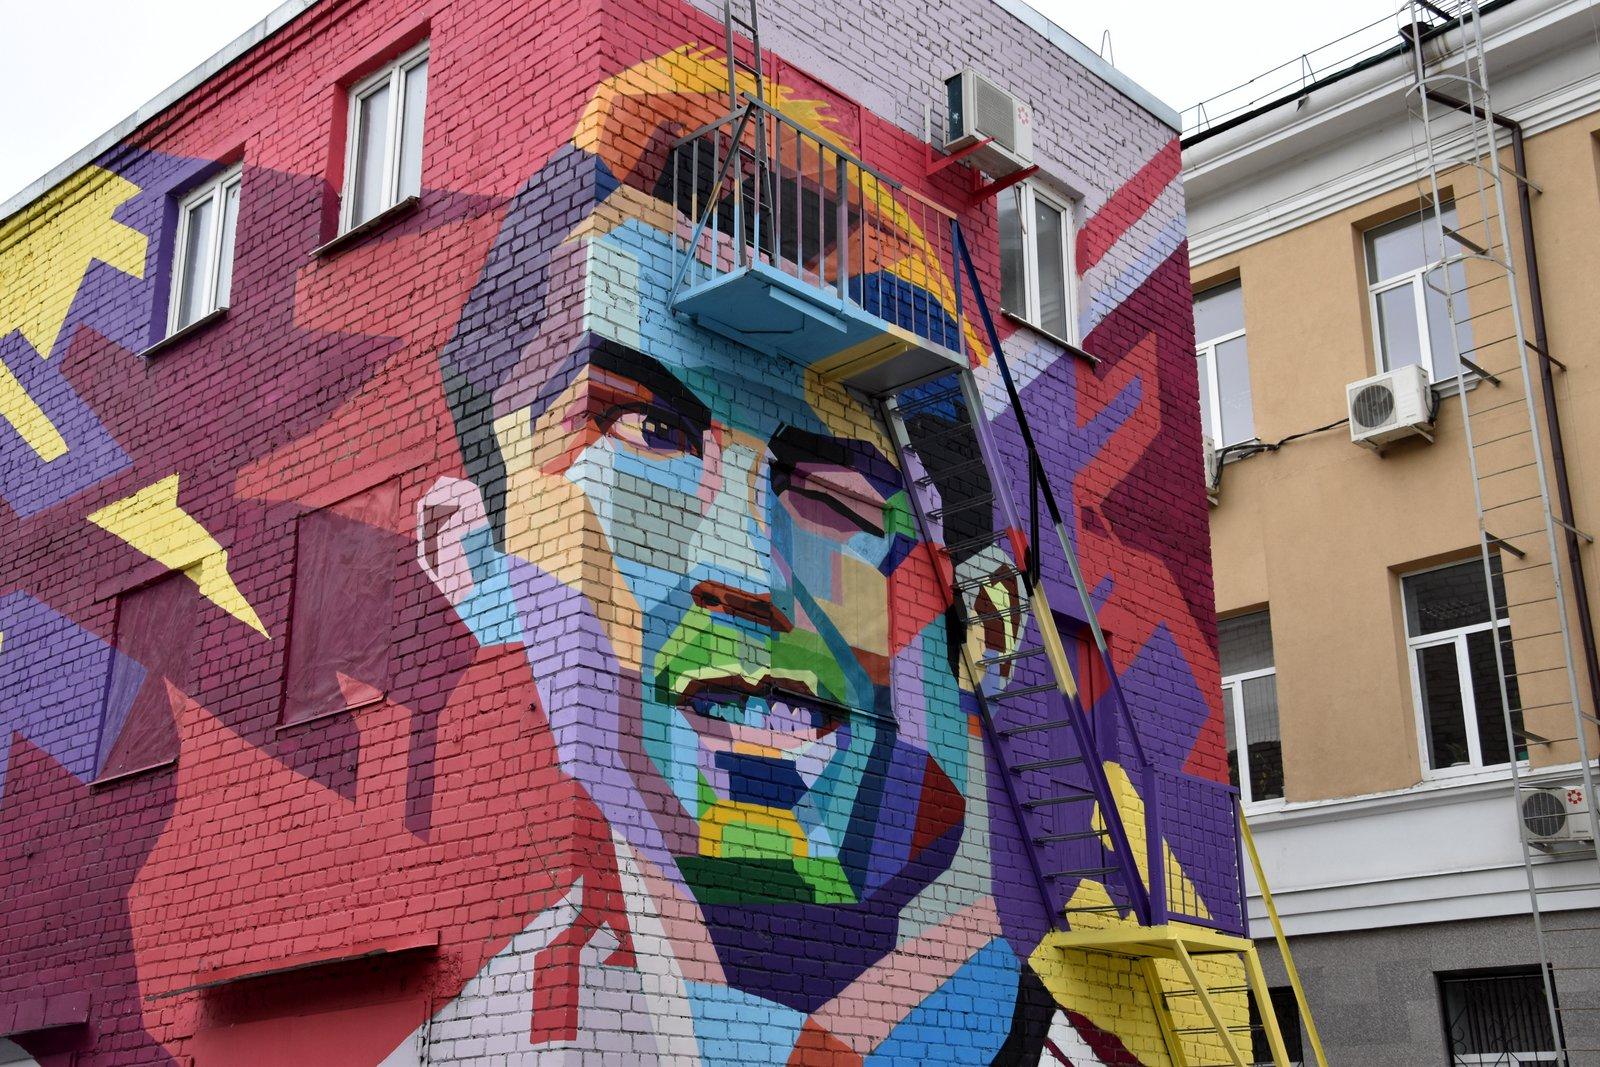 Cristiano Ronaldo sur les murs de Kazan en Russie